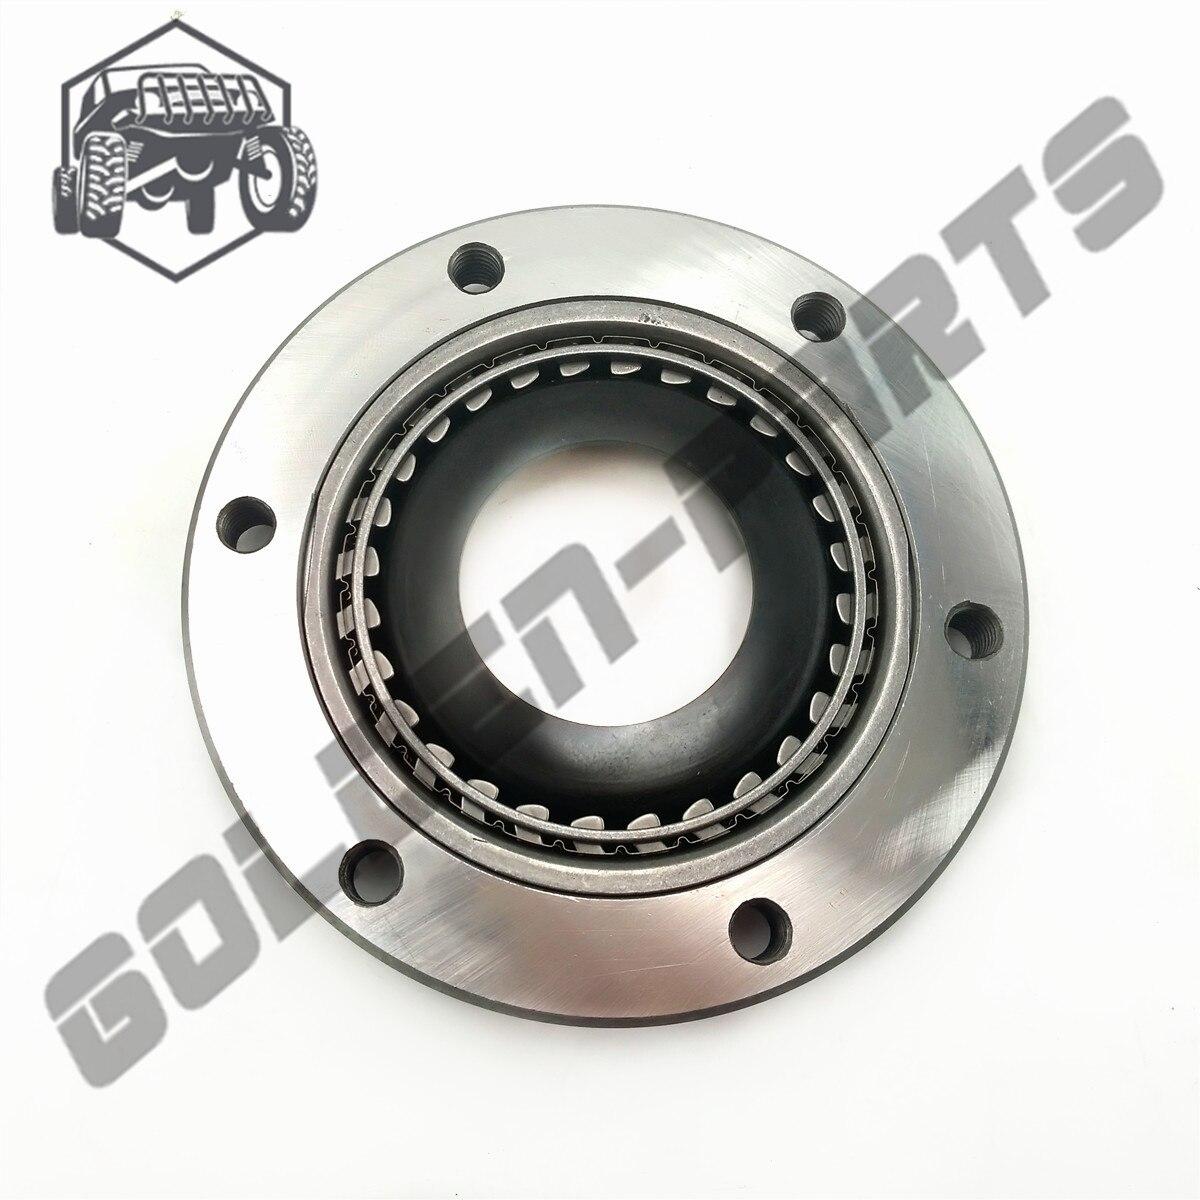 Atv motor de 500cc EMBREAGEM PRIMORDIAL Para 188 ATV X5 0180-091200 ATV quad buggy peças Acessórios